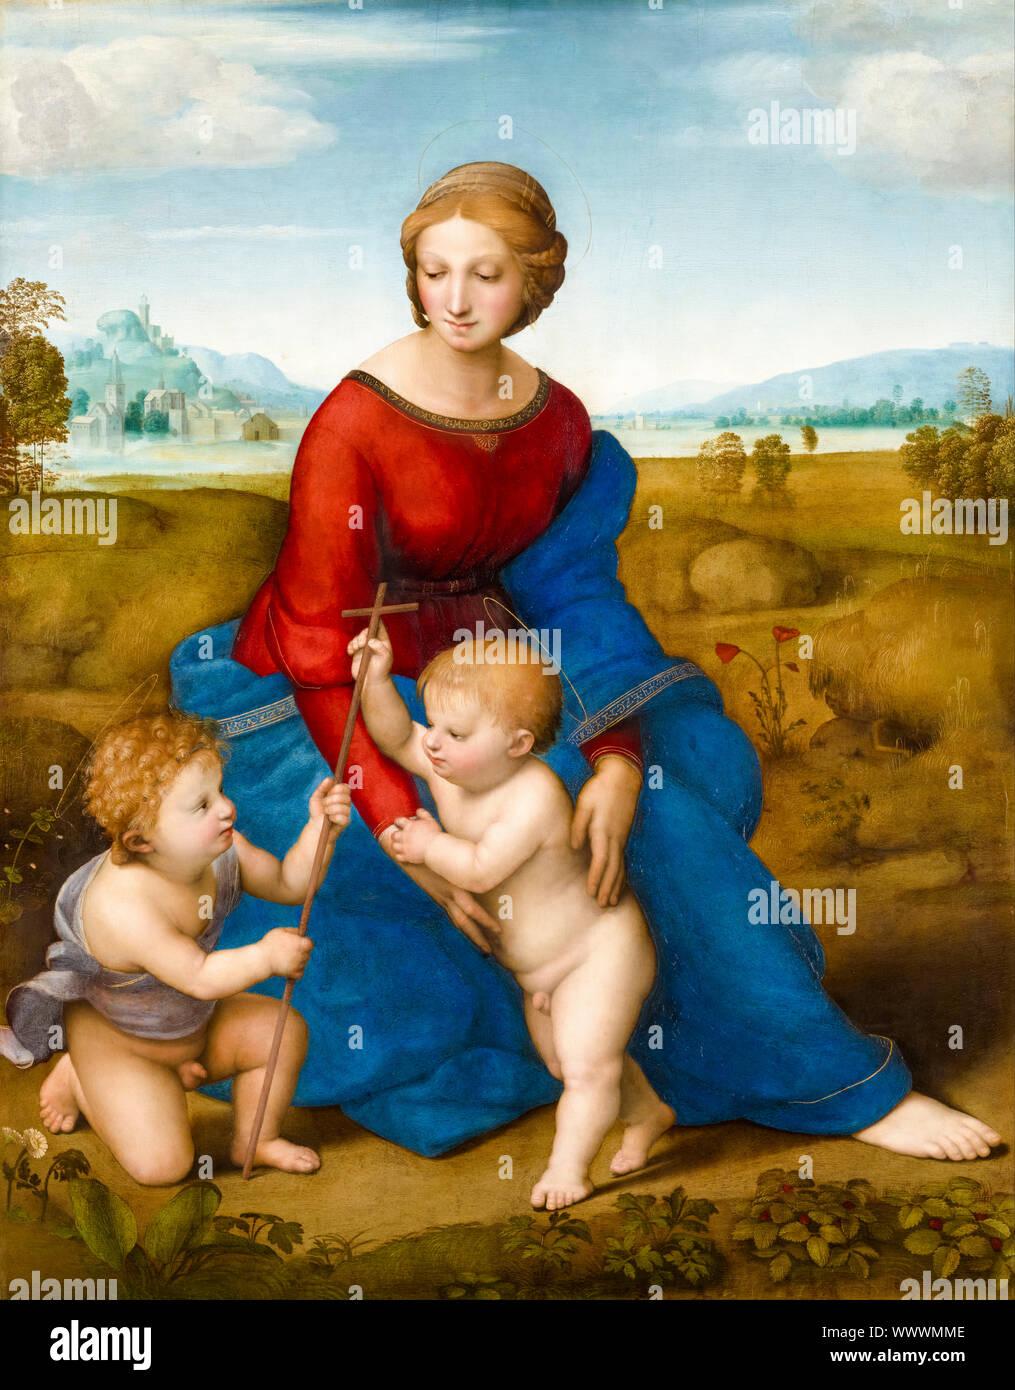 Raphael, Madonna del Prato, Madonna (dans la prairie), peinture, 1505-1506 Banque D'Images